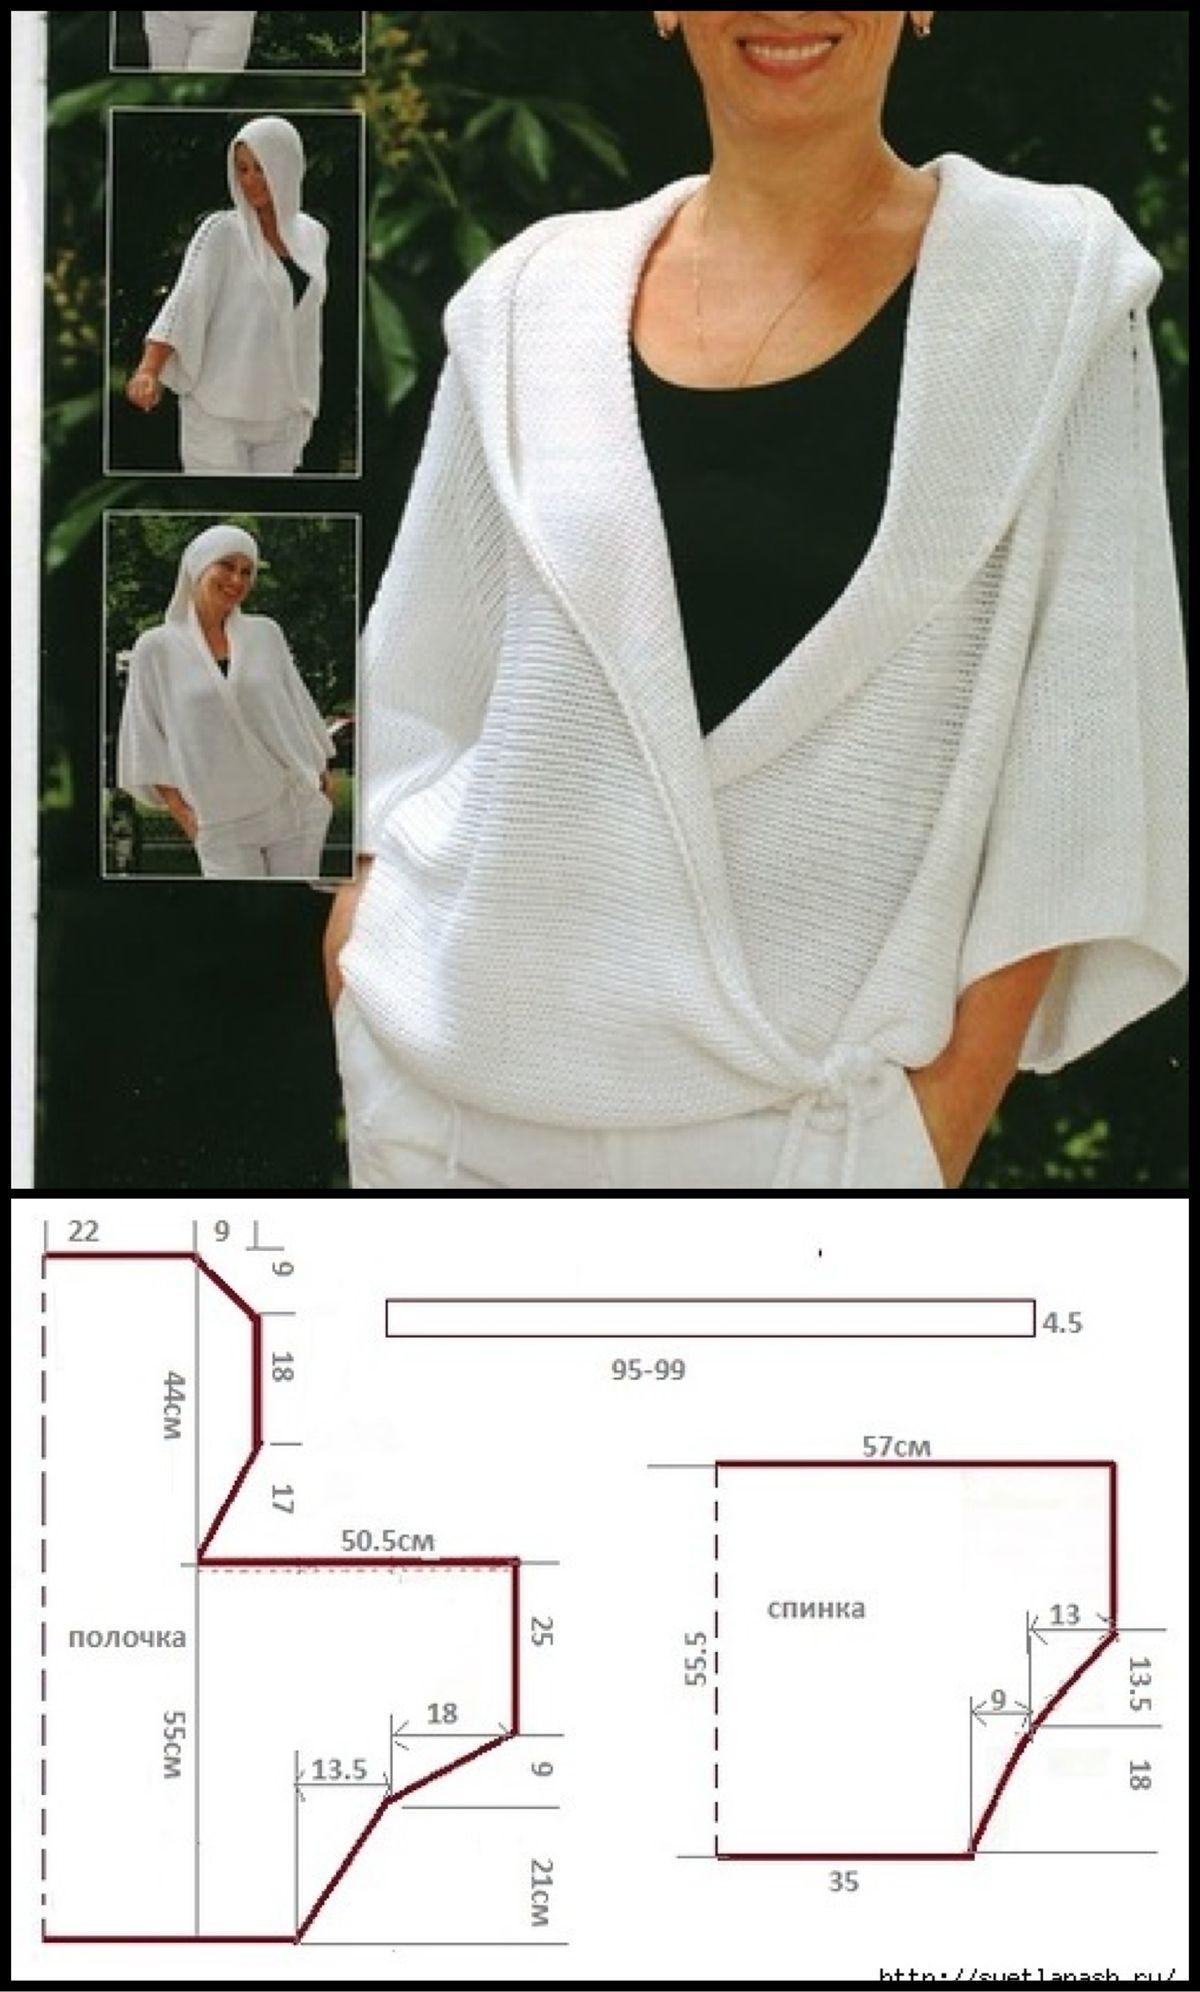 ed35187bef4f0d235fe3c0fdc3e64636.jpg 1 200×1 992 пикс | sewing ...